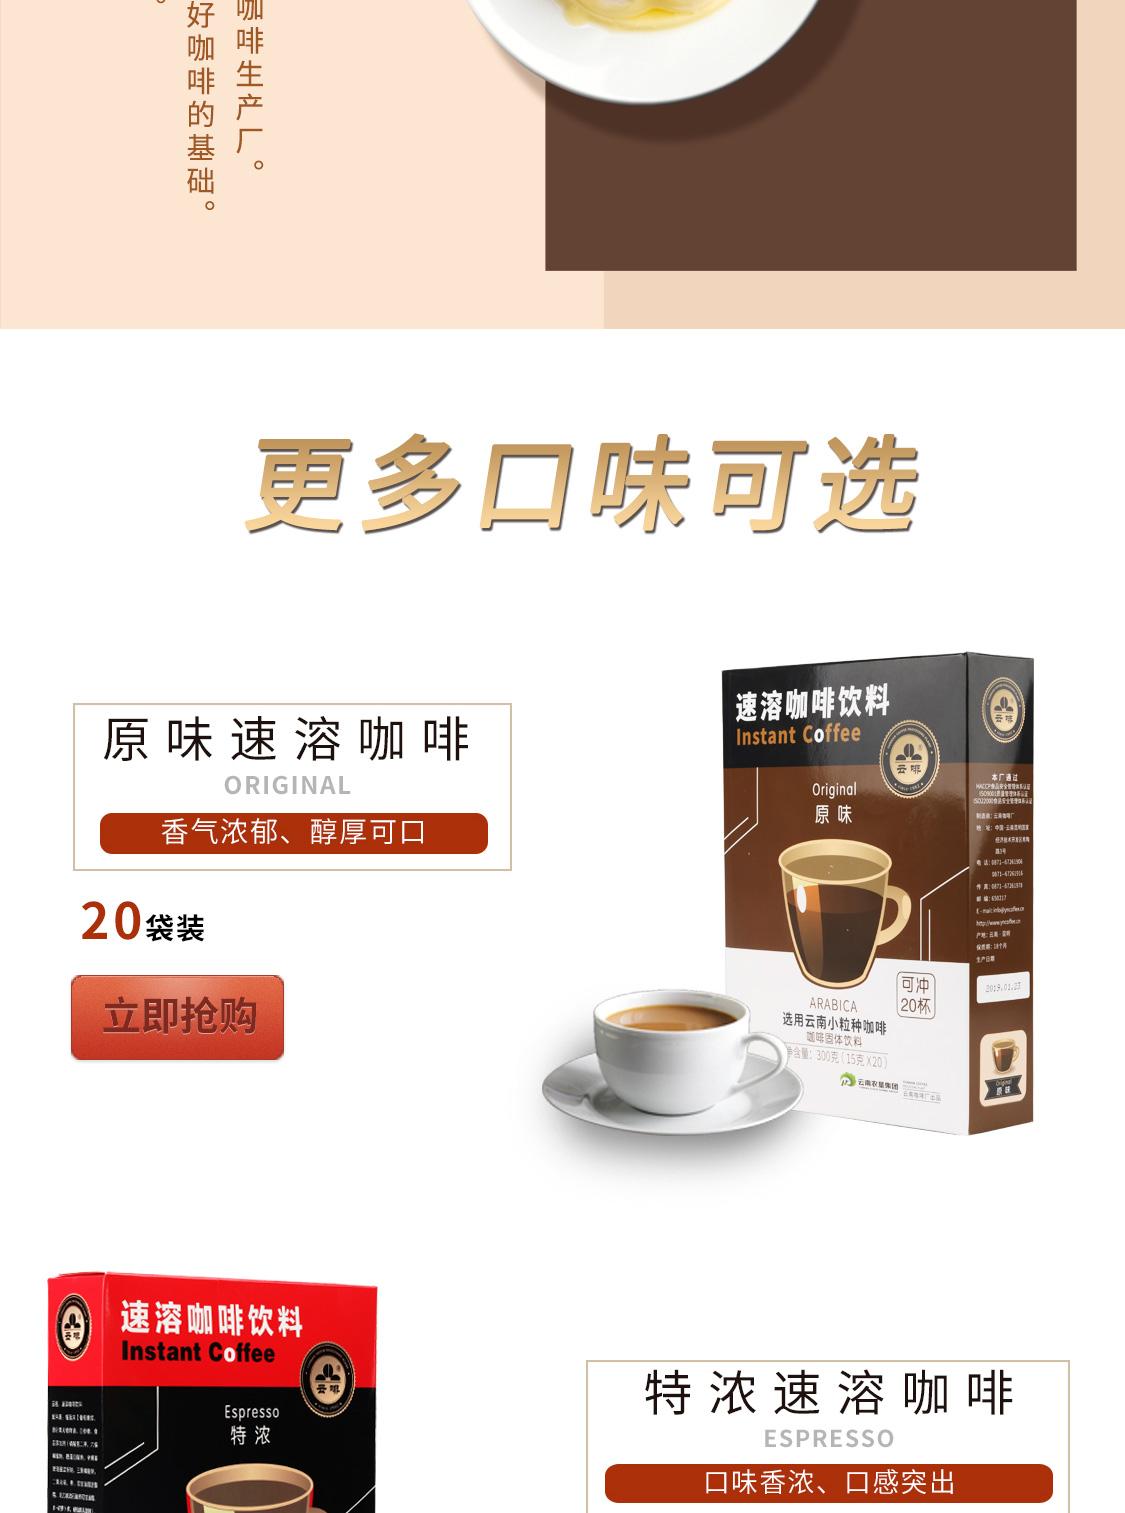 原味速溶咖啡小盒装_03.jpg